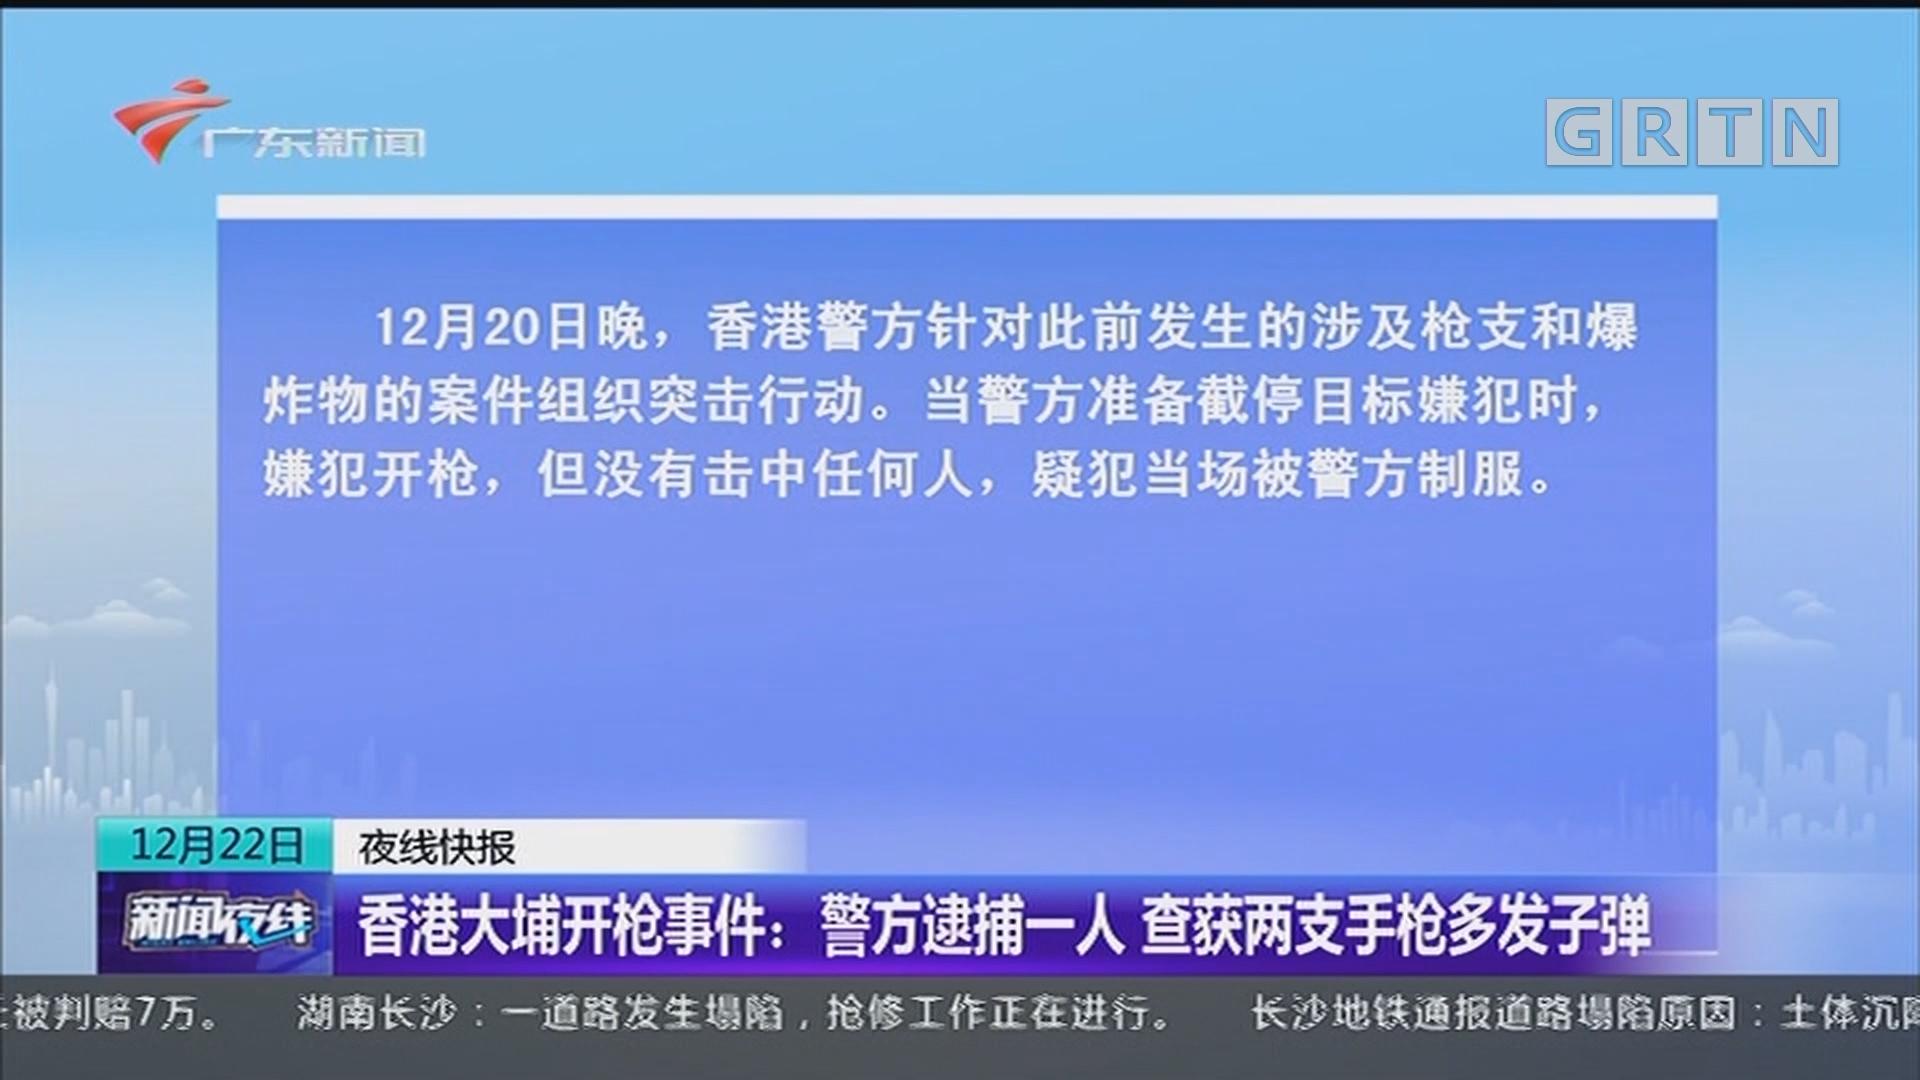 香港大埔开枪事件:警方逮捕一人 查获两支手枪多发子弹